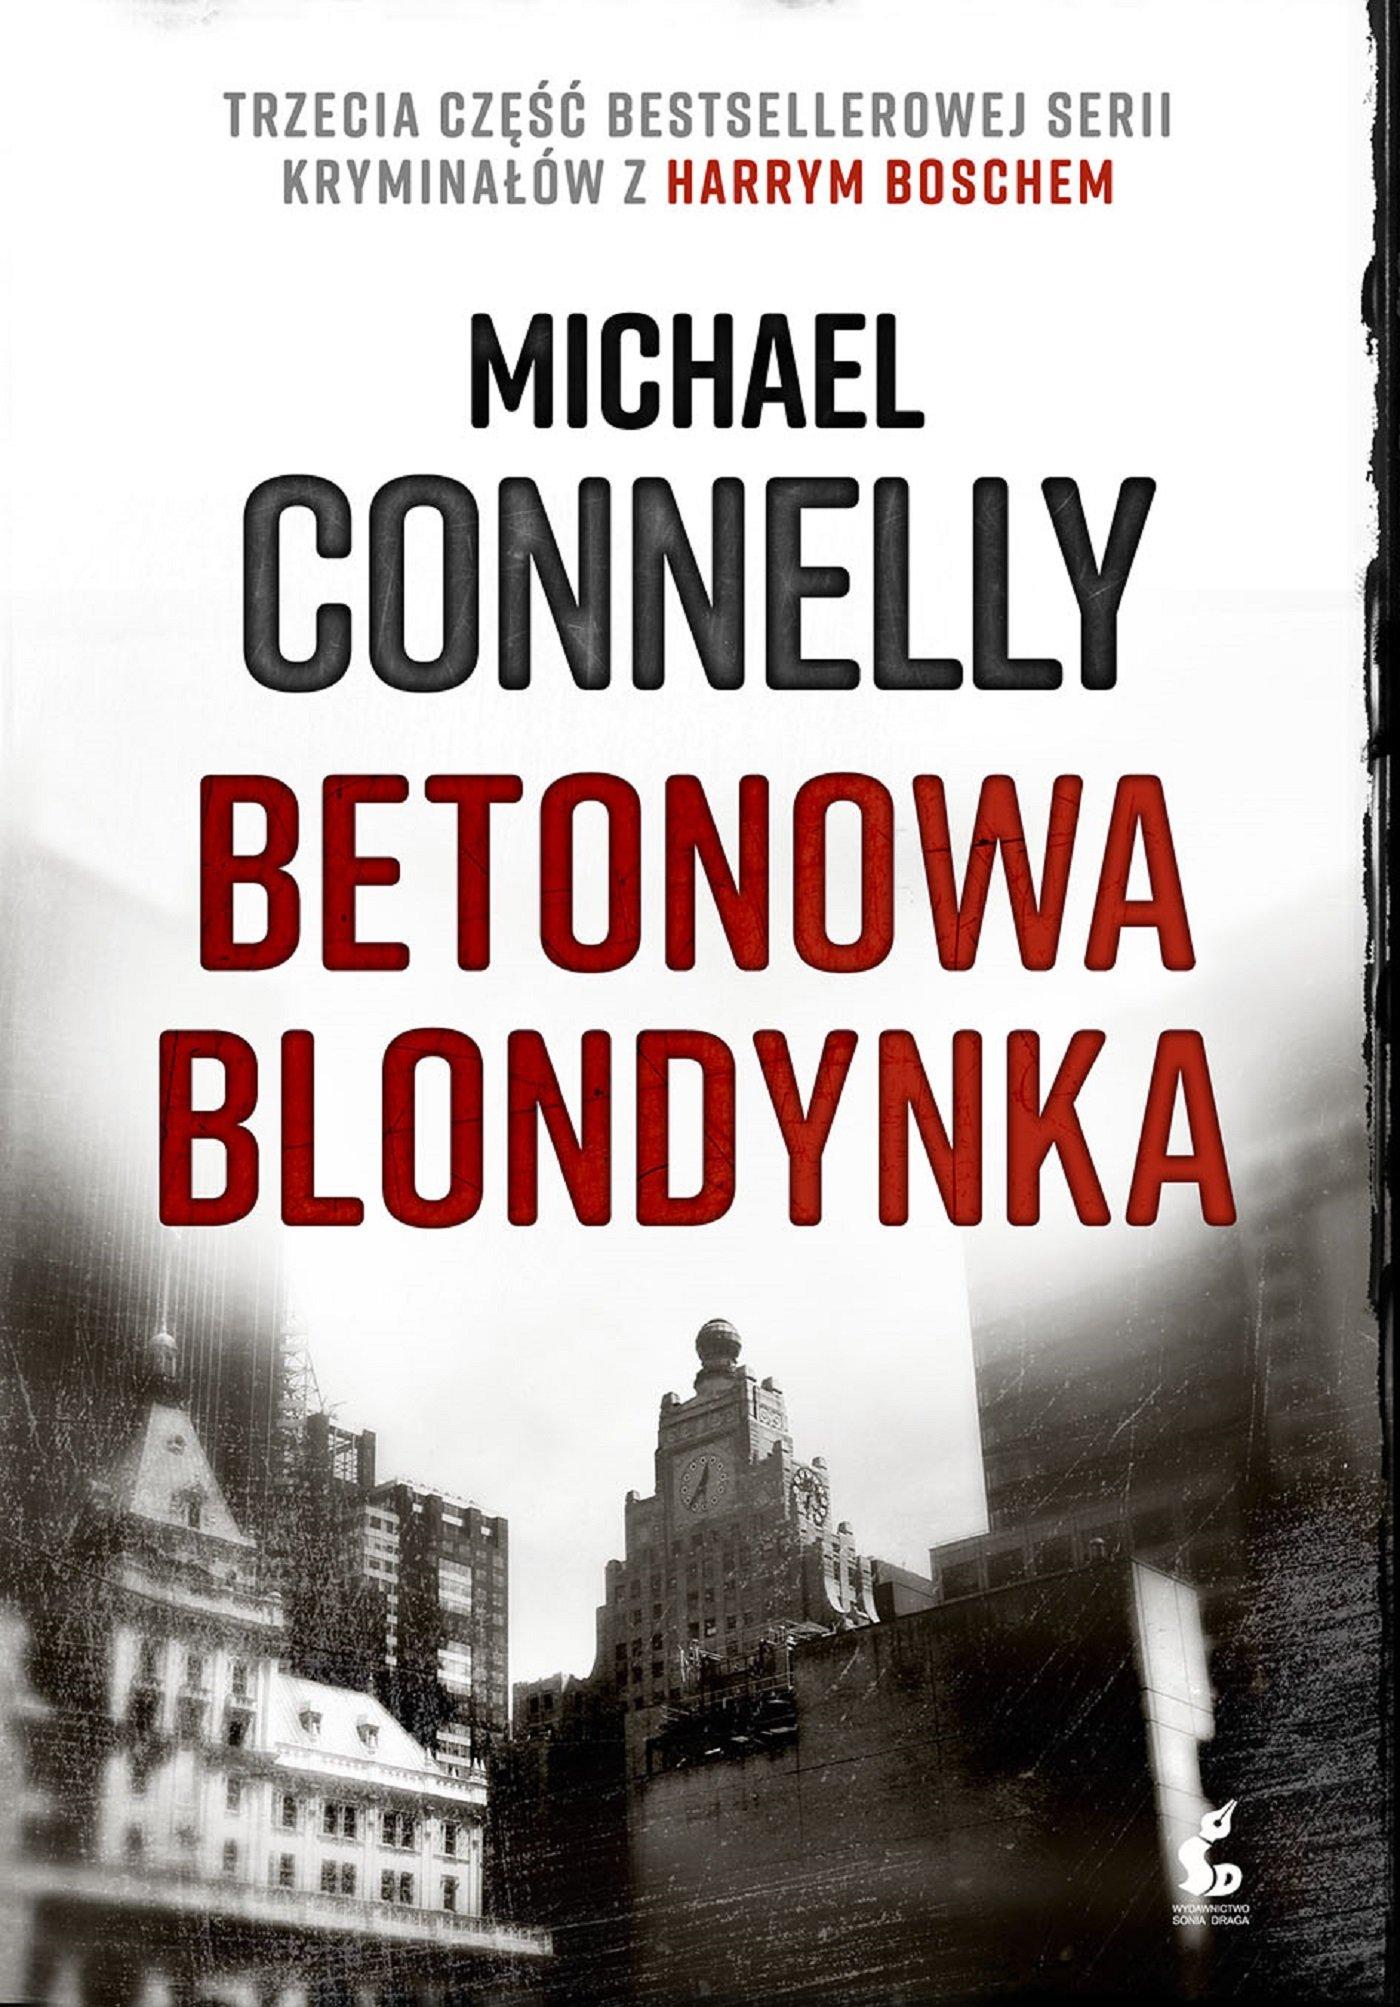 Betonowa blondynka - Ebook (Książka na Kindle) do pobrania w formacie MOBI